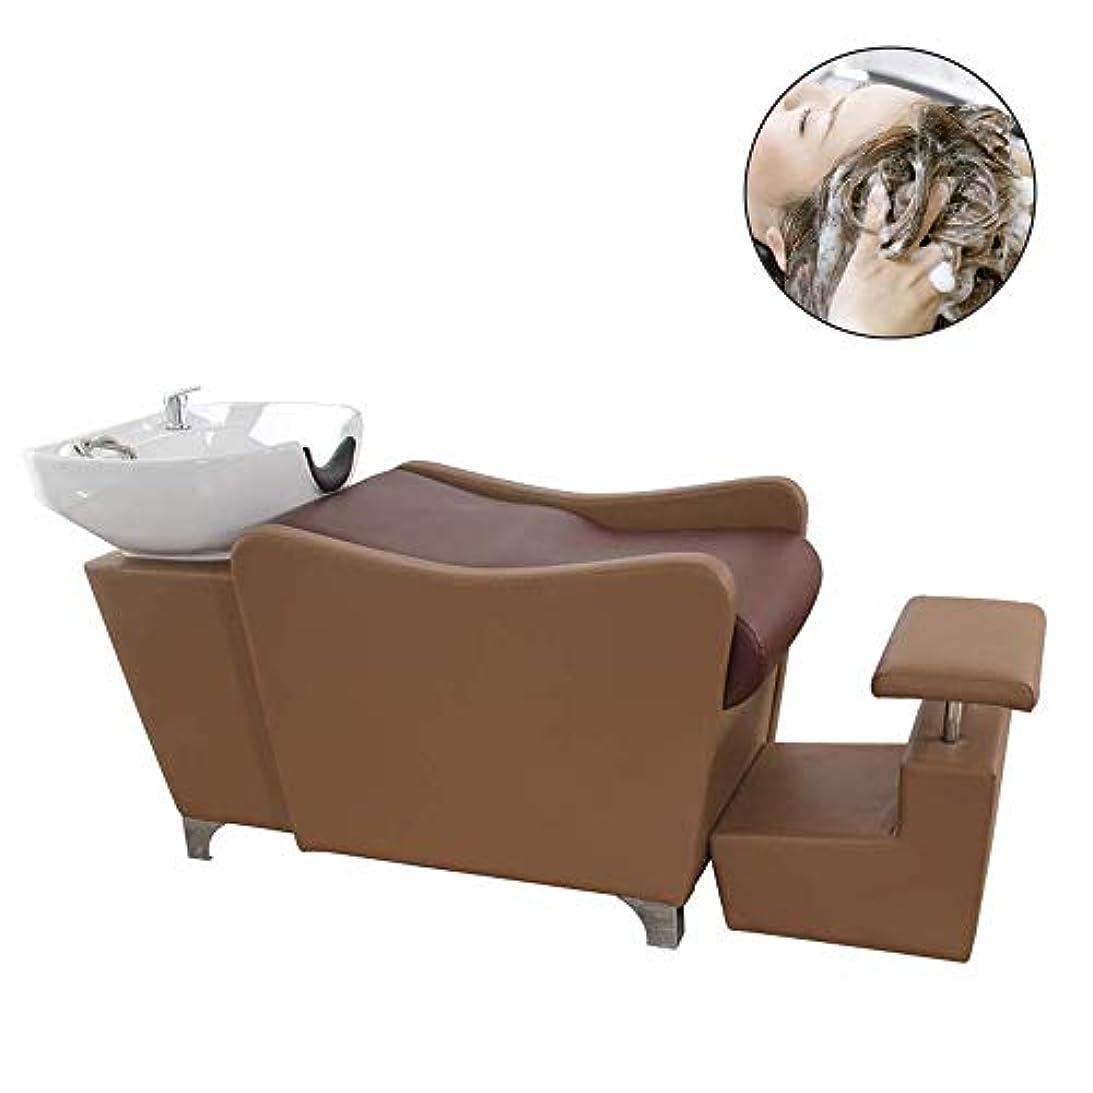 ゆりかごハム絶え間ないサロン用シャンプー椅子とボウル、理髪店逆洗ユニットシャンプーボウル理髪用シンク椅子用スパビューティーサロン機器(茶色)